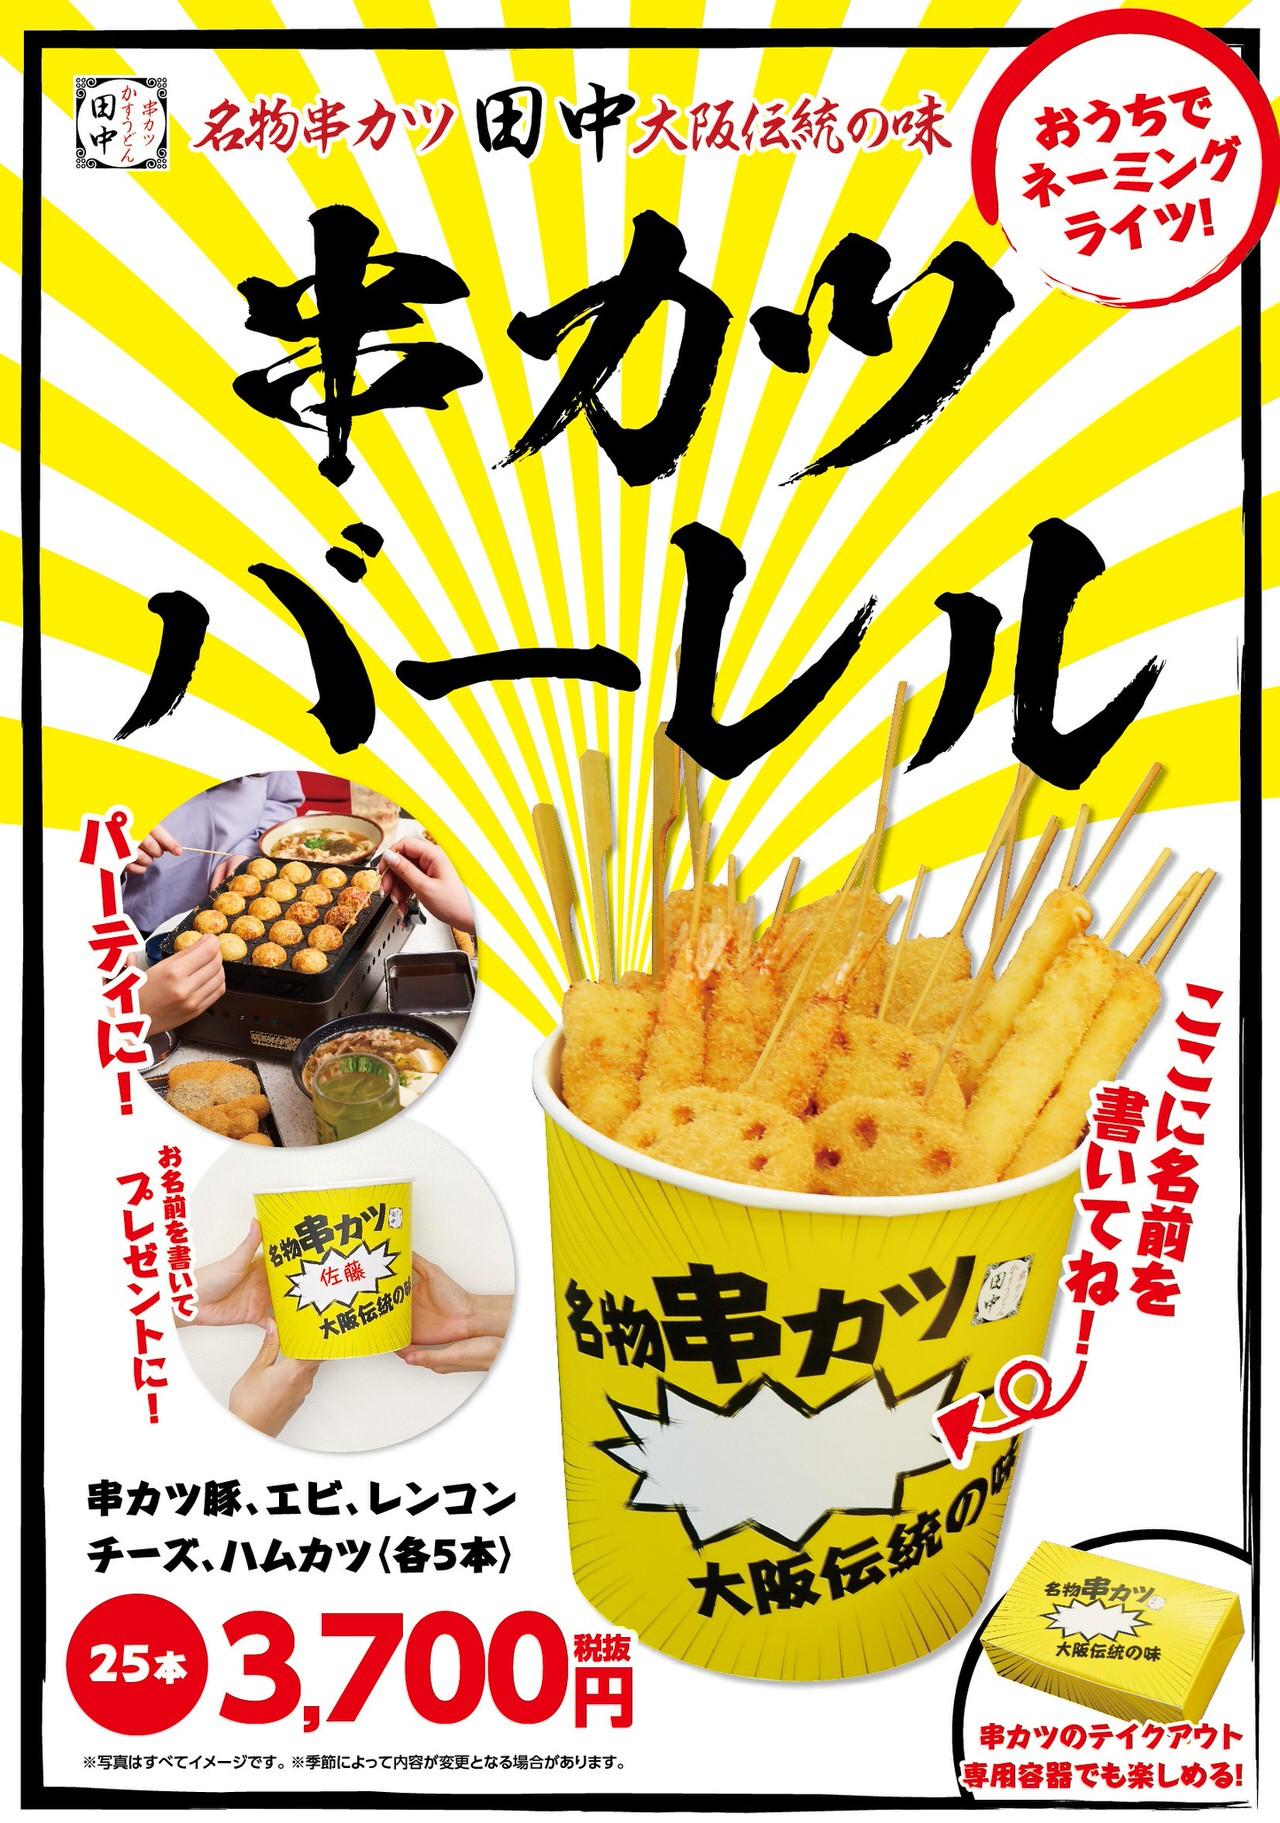 【串カツ田中】25本で3,700円の「串カツバーレル」テイクアウト・デリバリー向けに発売